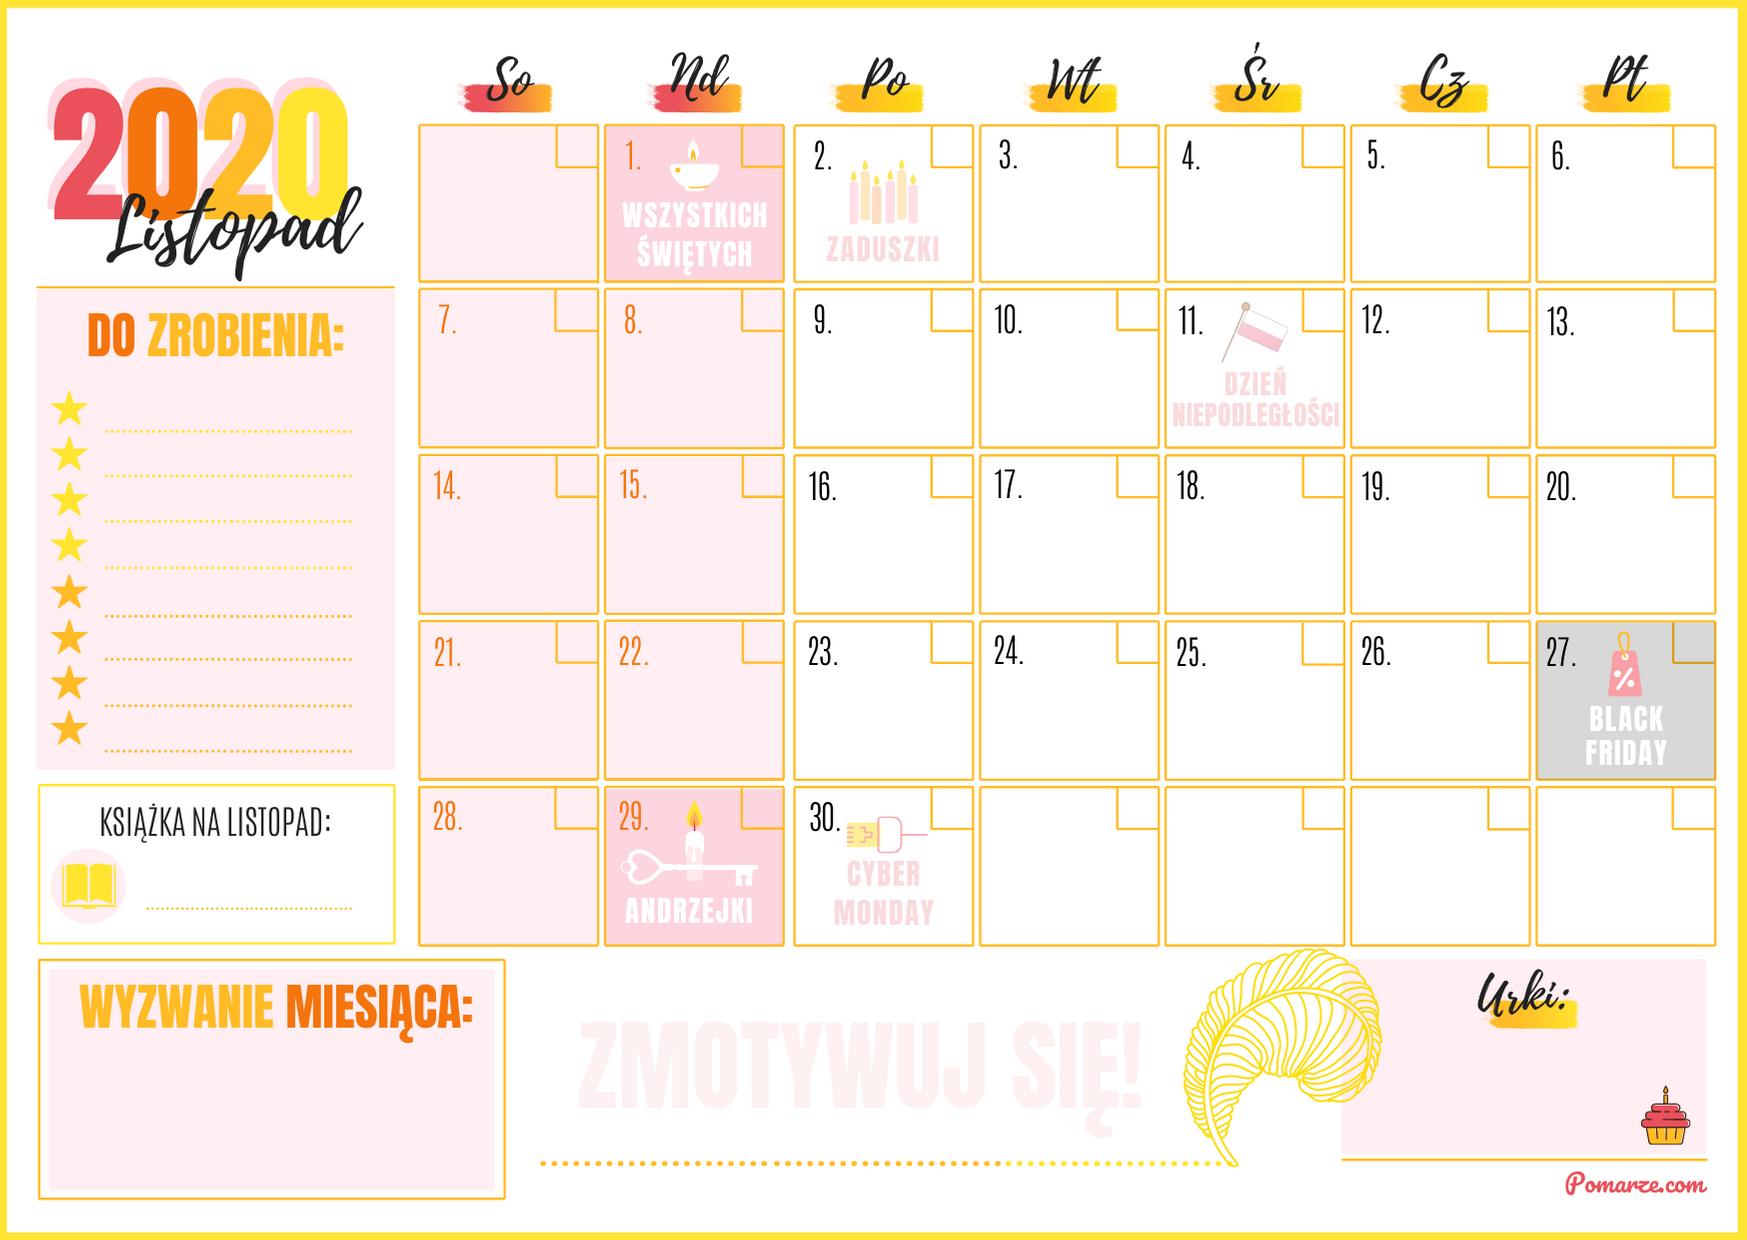 Kalendarz miesieczny planer Listopad 2020 pdf druk